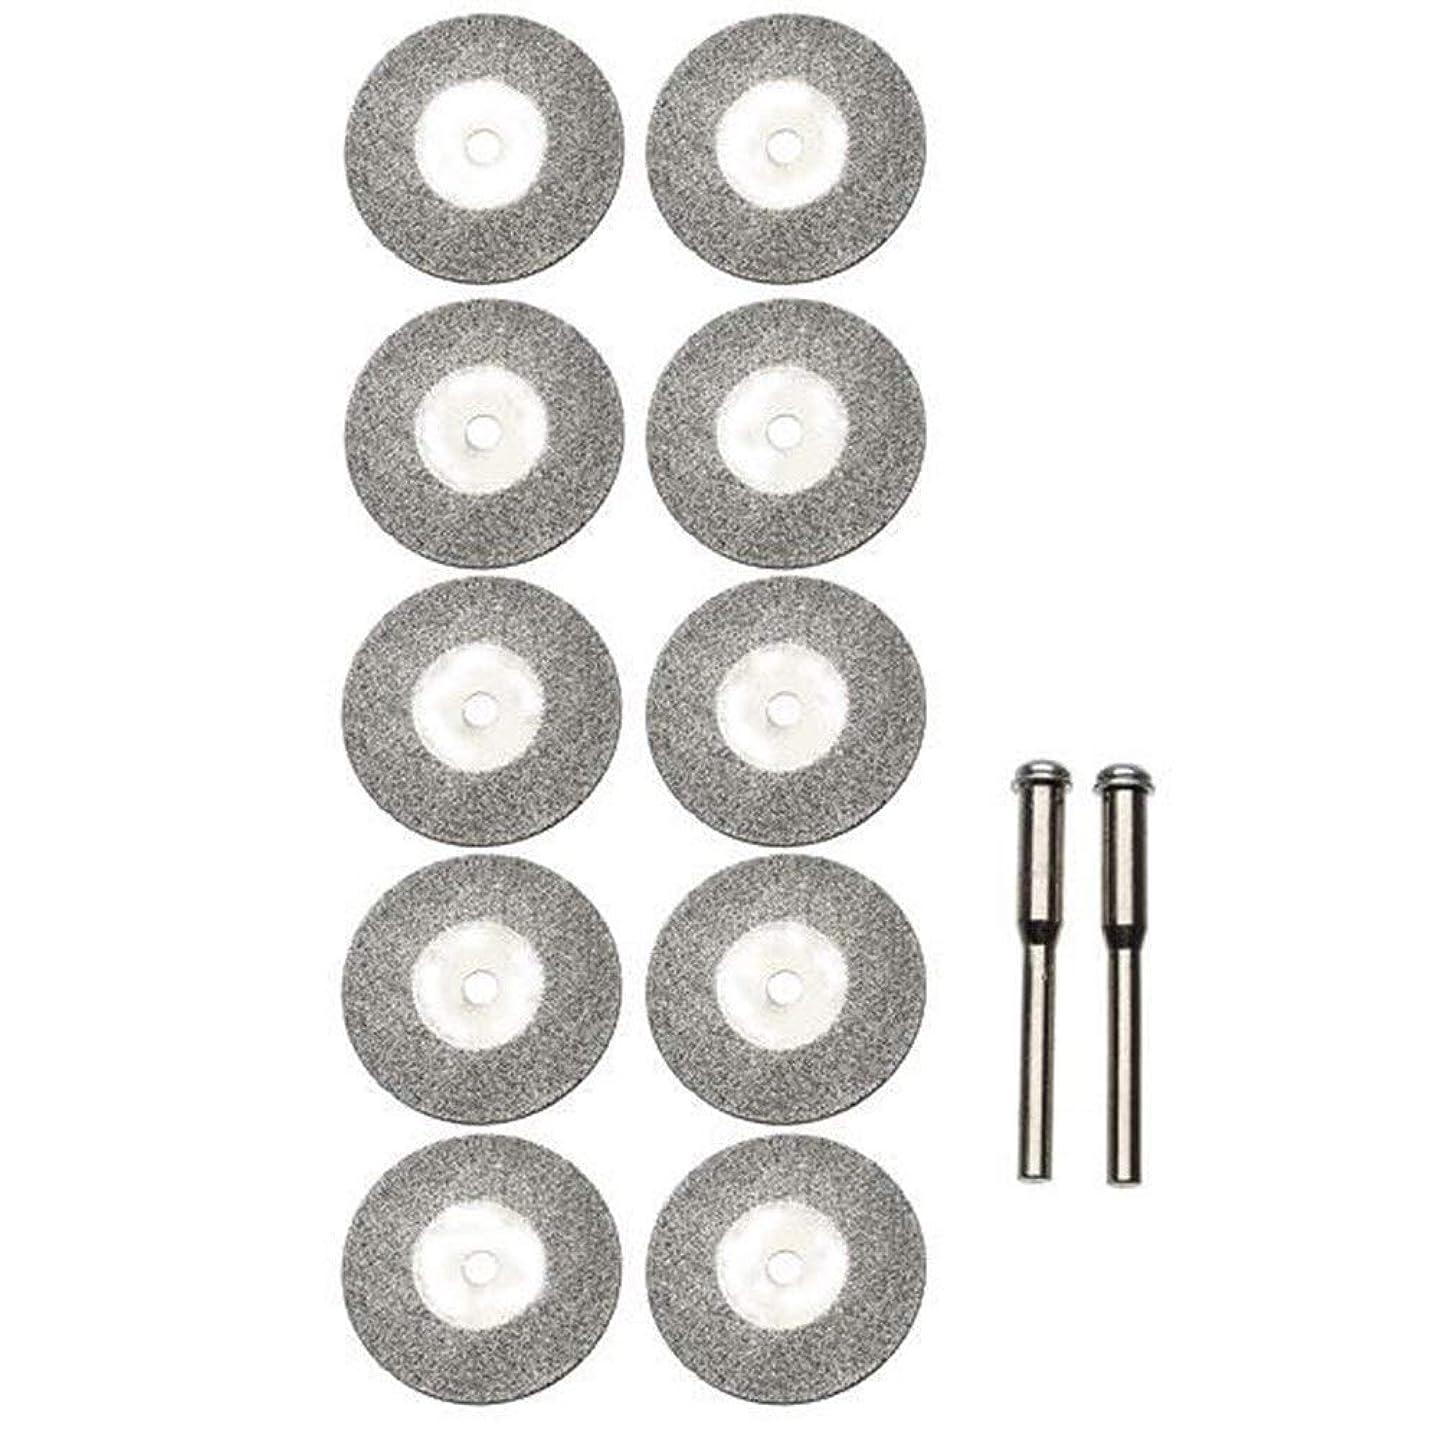 ボア自信がある微弱HTYJY ロータリーツール用10個25mmダイヤモンド研削ホイールスライスドレメルアクセサリーキット 作します